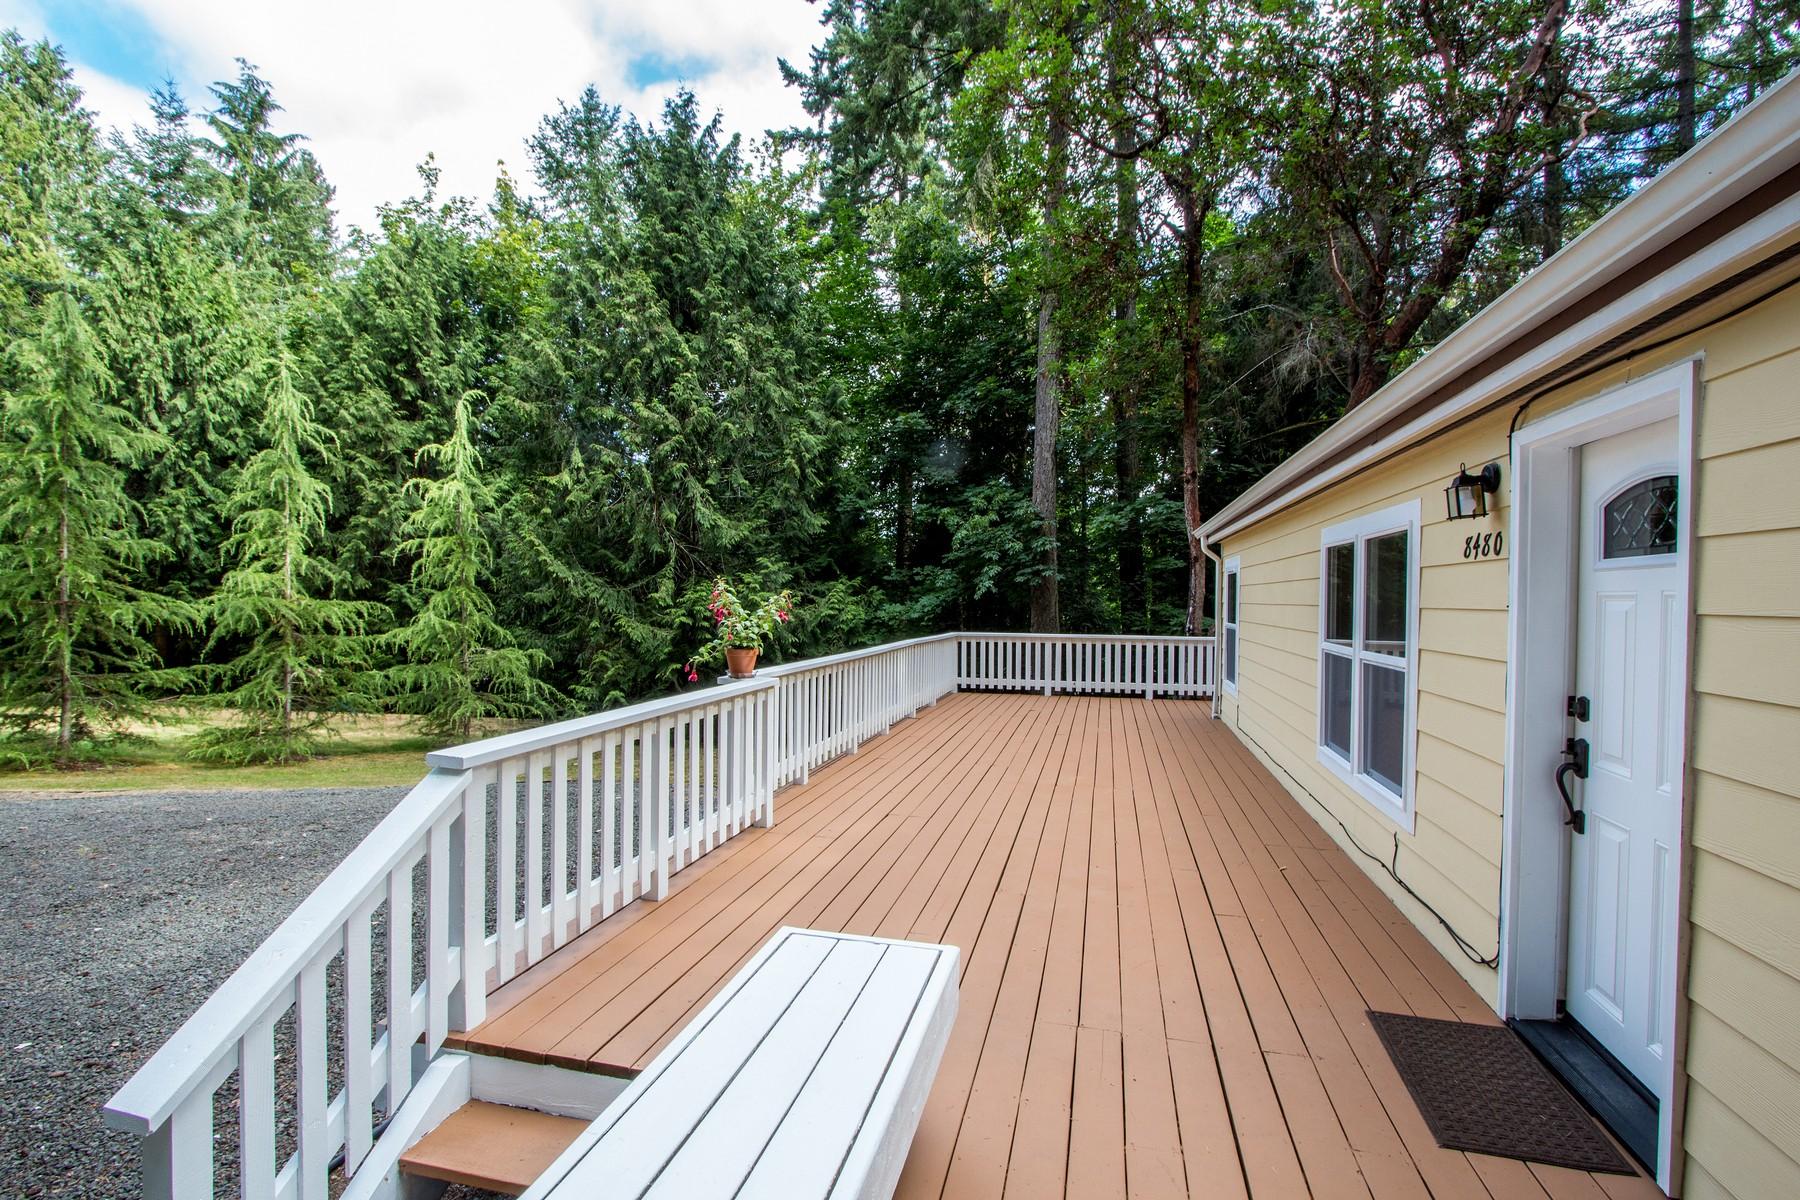 其它住宅 为 销售 在 Affordable Gem in Fletcher Bay 8480 NE Hansen Rd 班布里奇岛, 华盛顿州 98110 美国